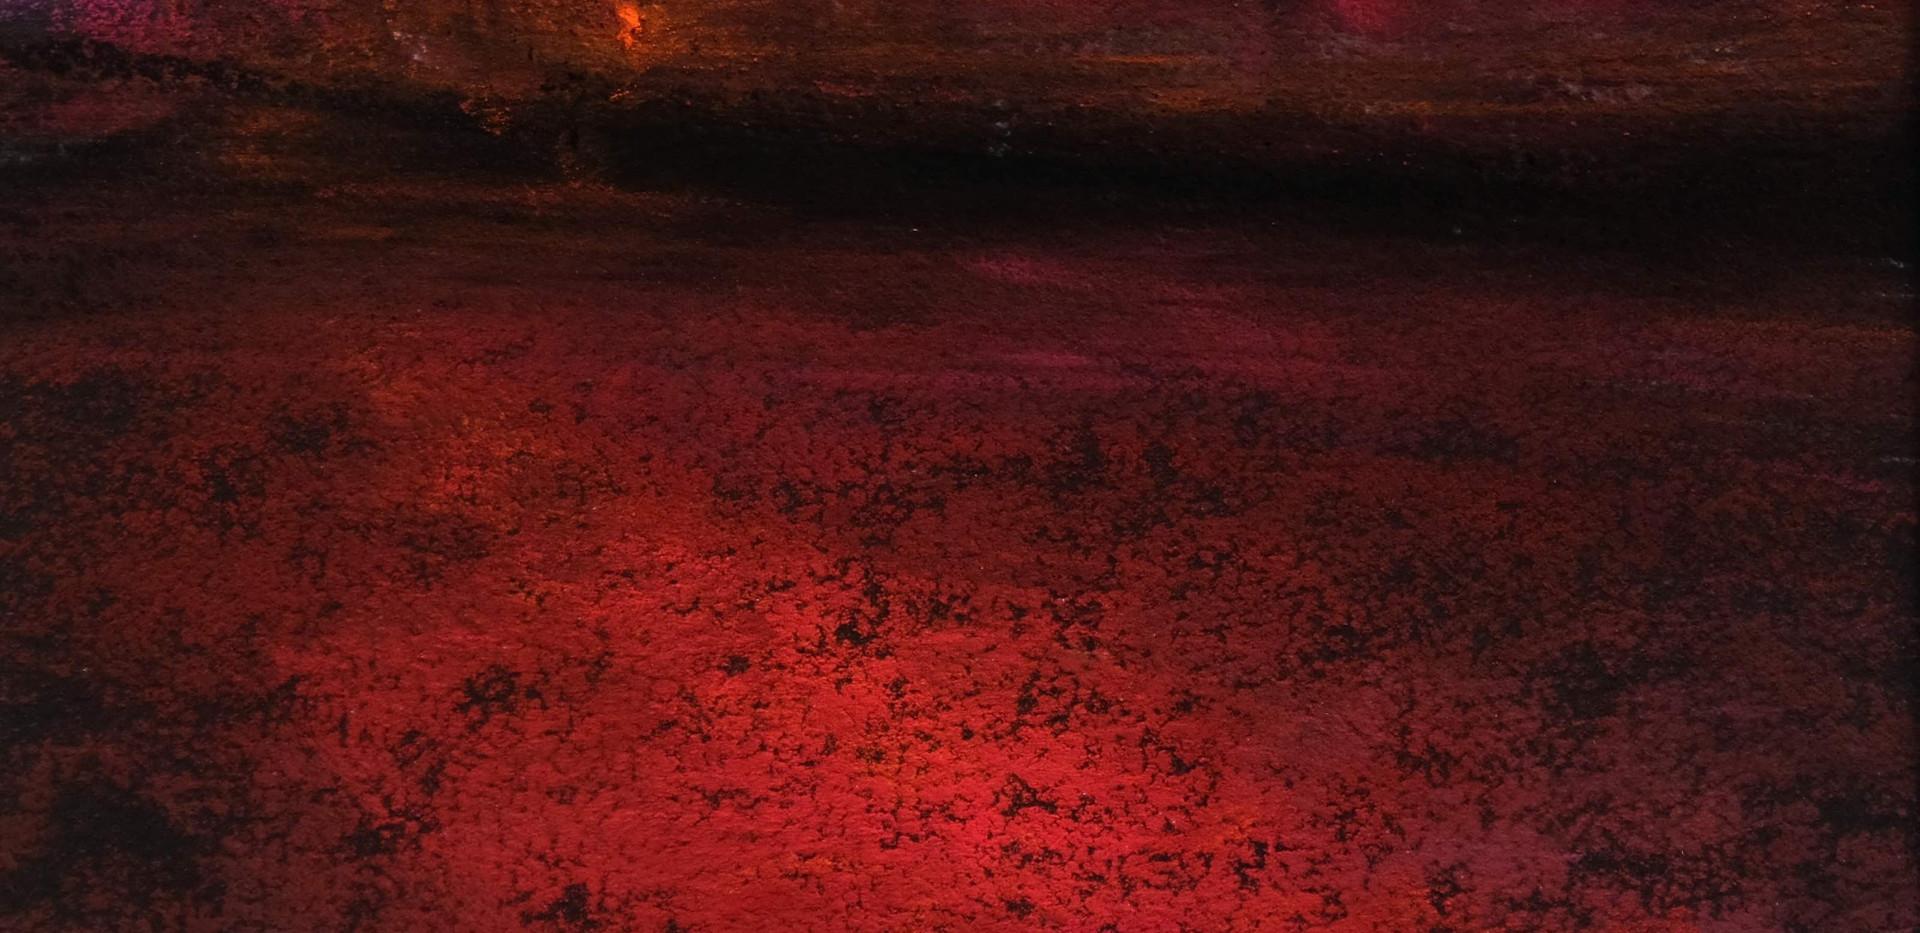 Pastel n°15  Sans titre - Paysages imaginés. 14  x 14 cm Encadré cadre bois 23 x 23 cm - passe partout - rehausse et verre anti reflets  Pastel sec   120 euros